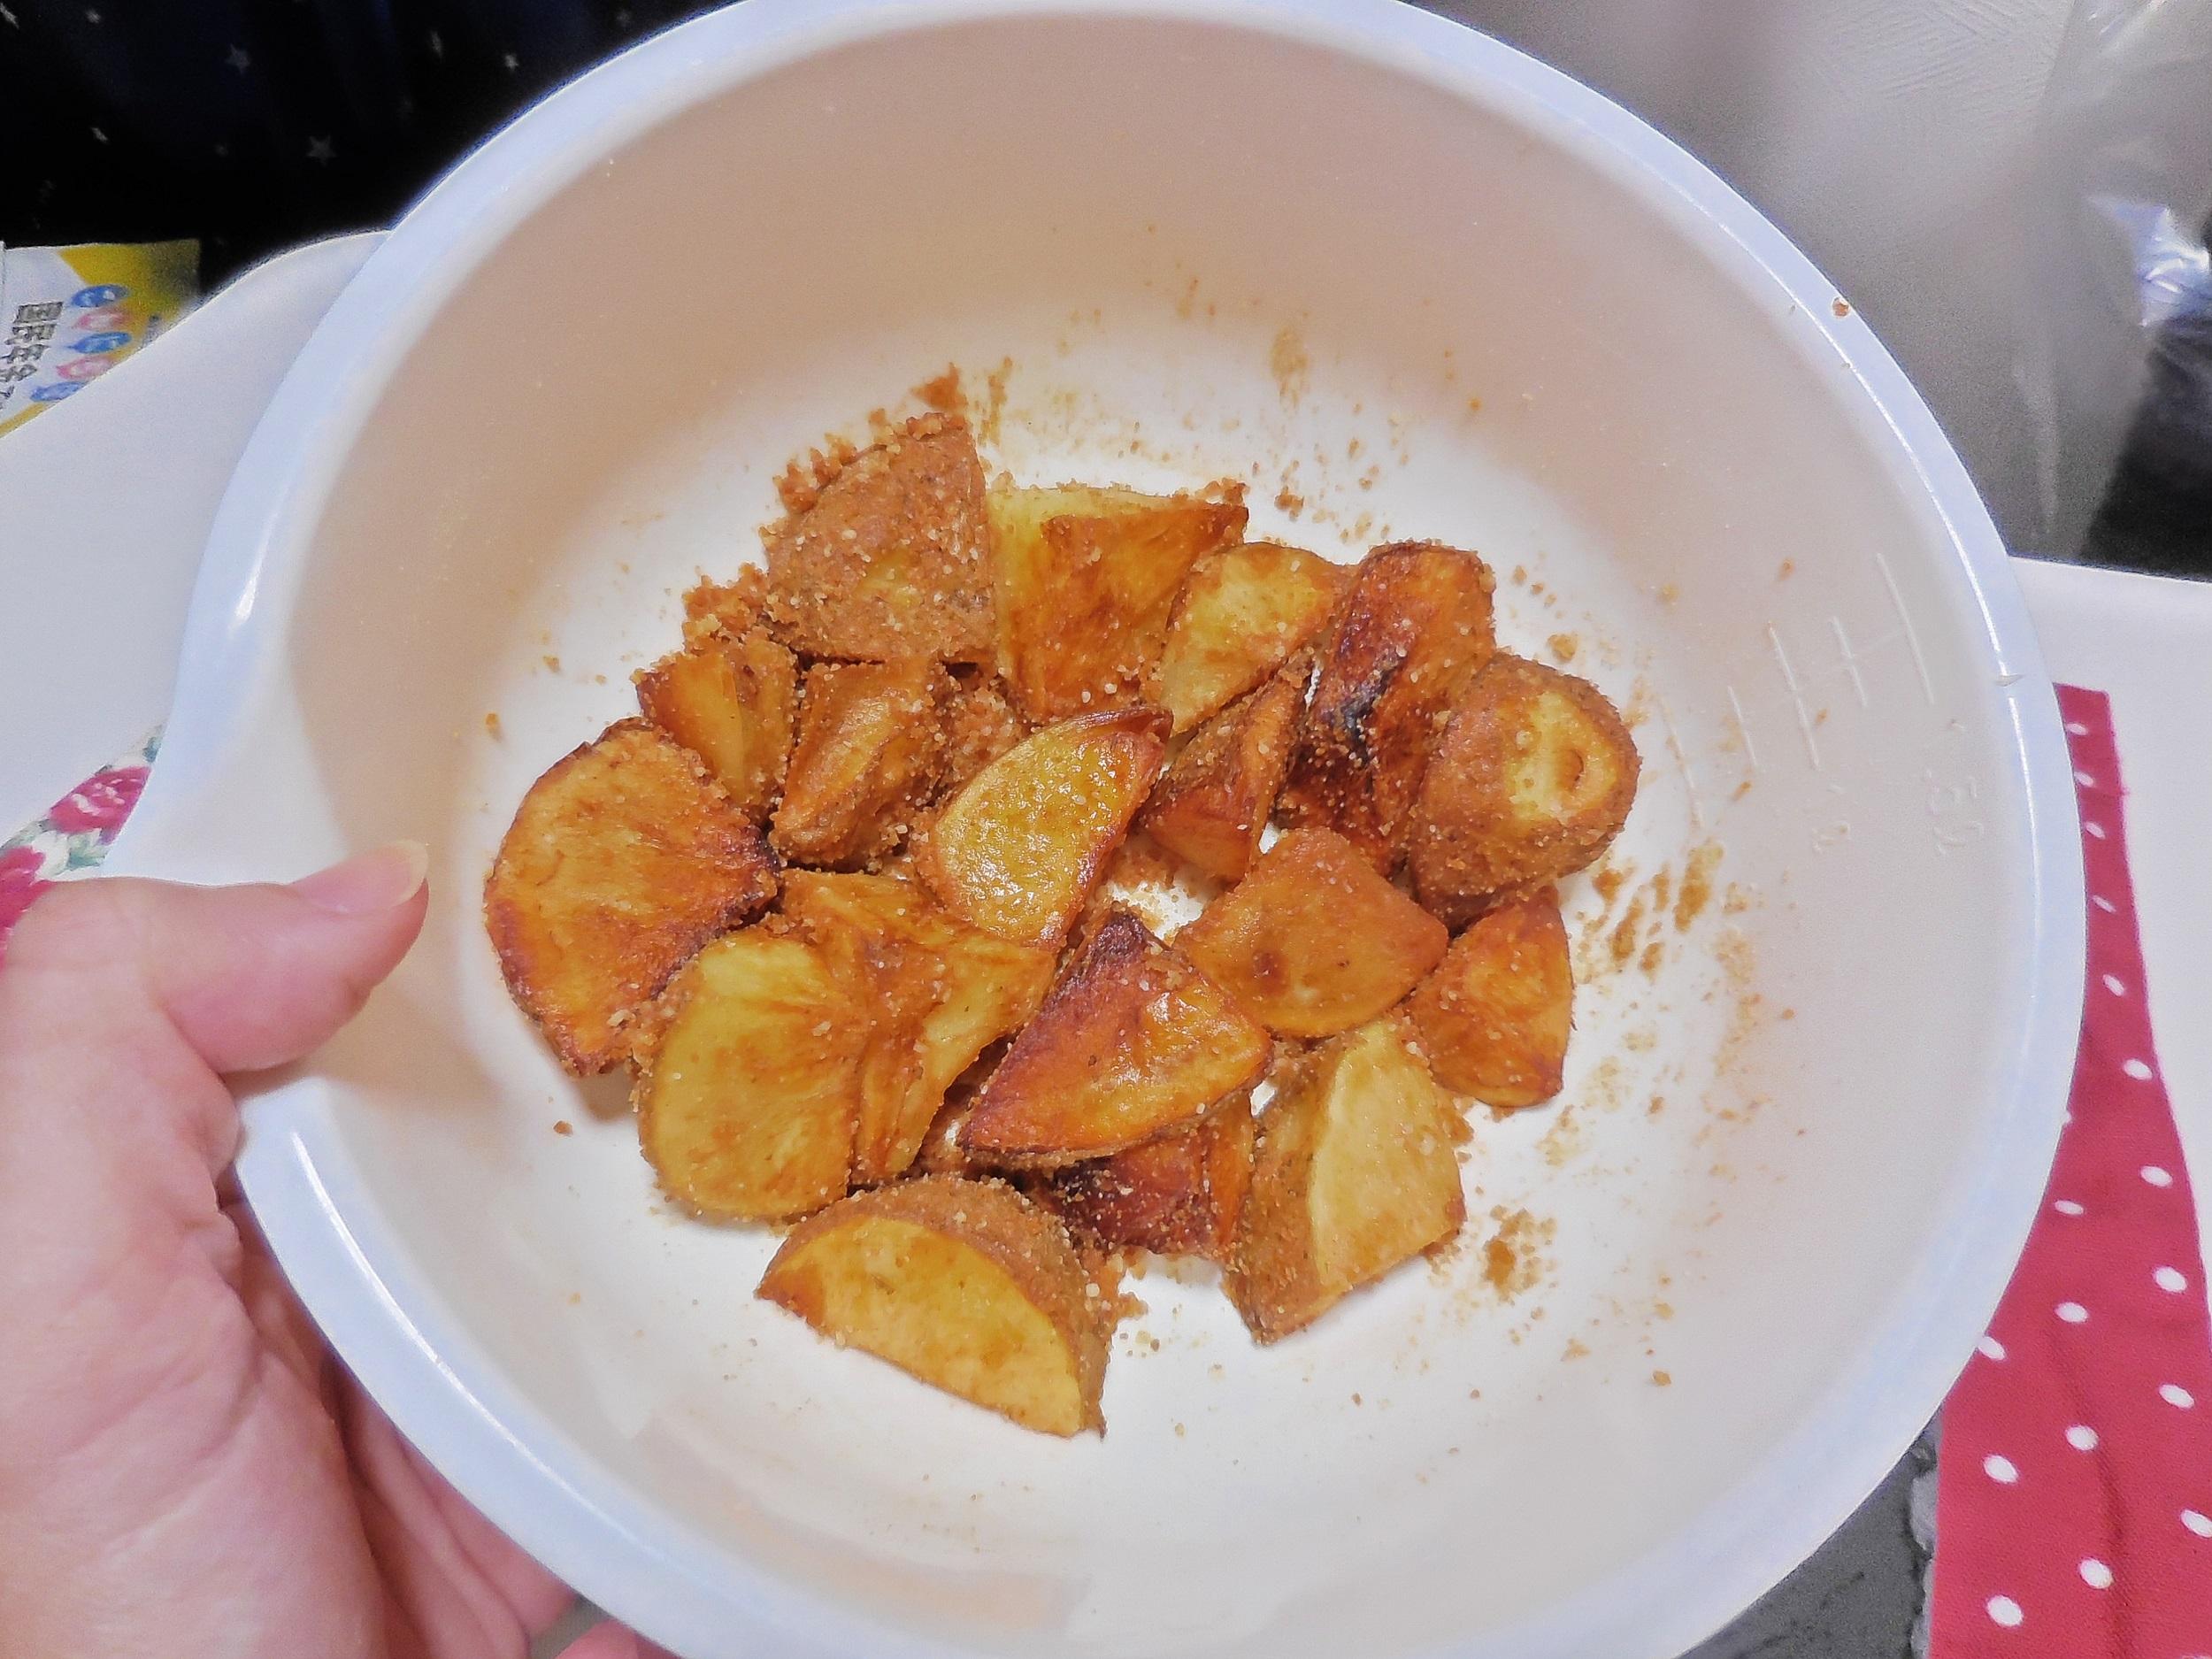 【最強の朝食と言われるイングリッシュマフィンを使ったレシピ、わたしもためしてみました!】_4